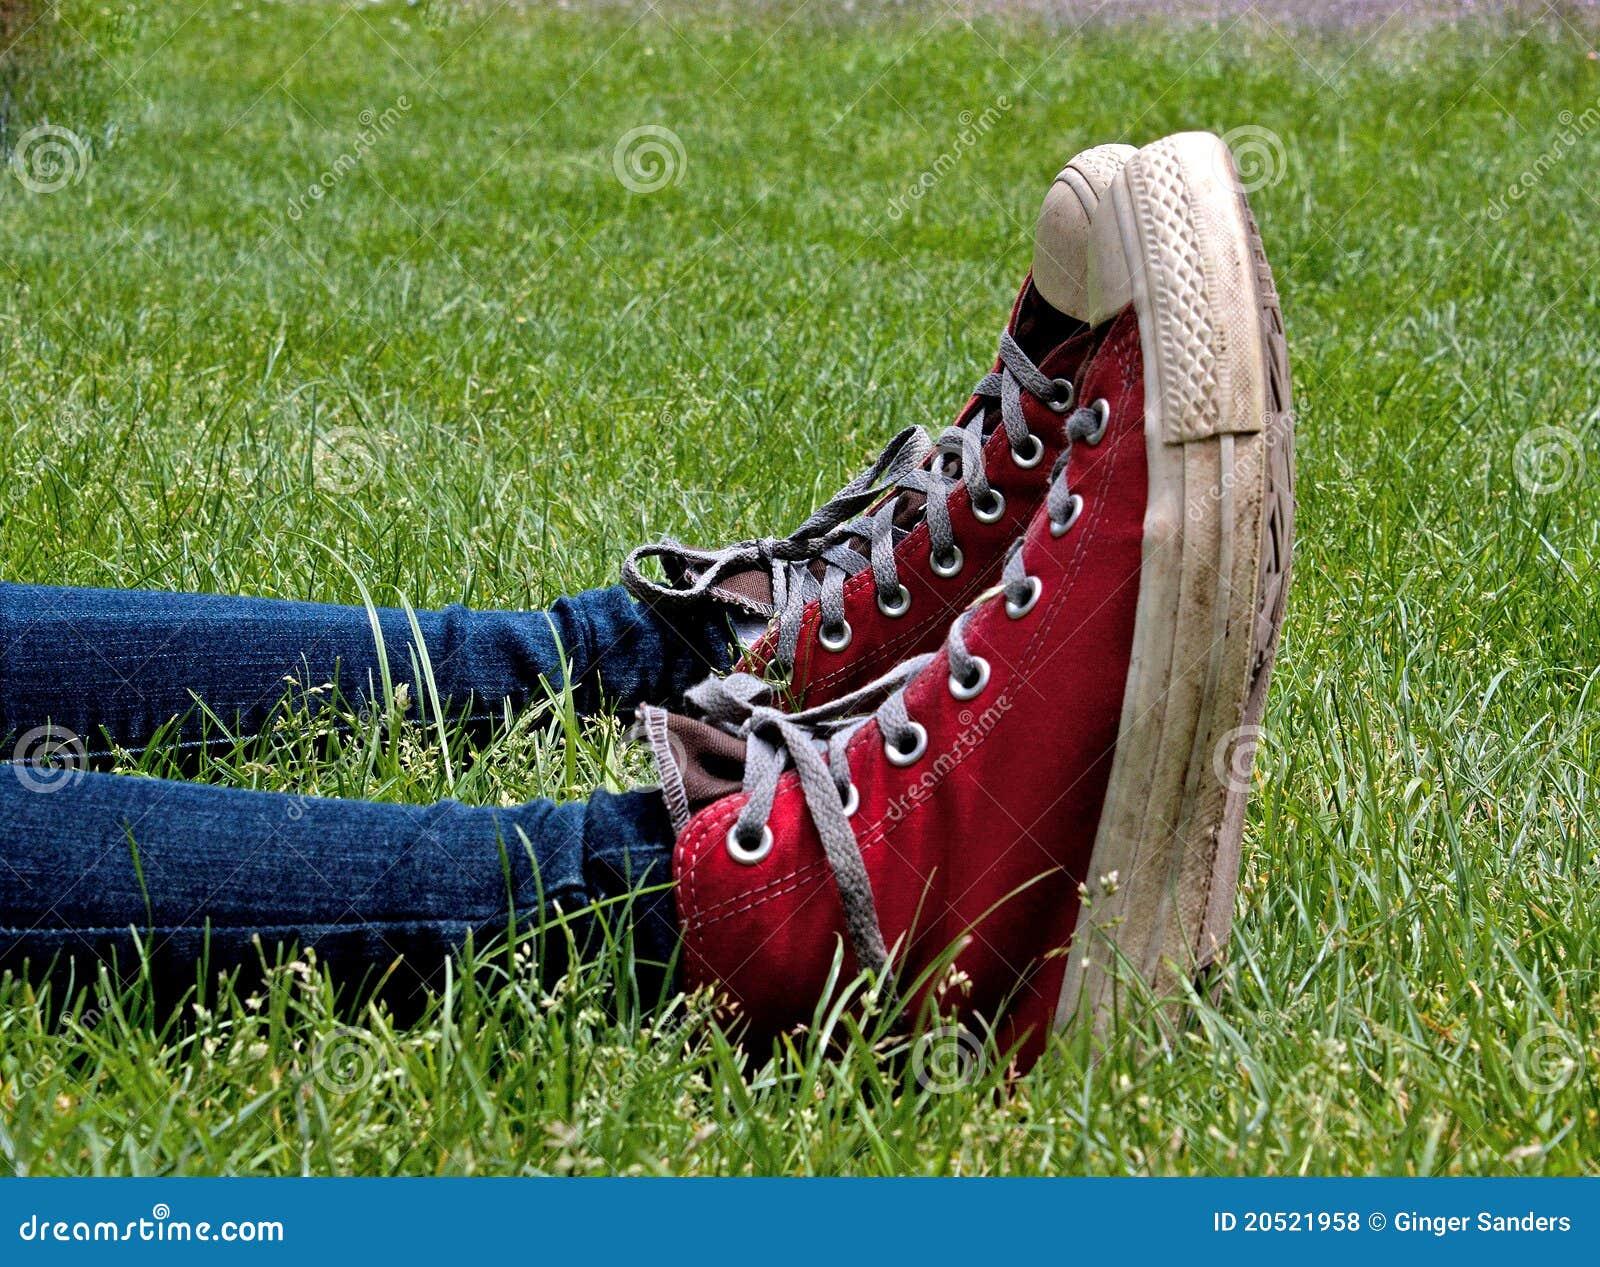 Parallelle Rode Hoge Hoogste Tennisschoenen in Groen Gras